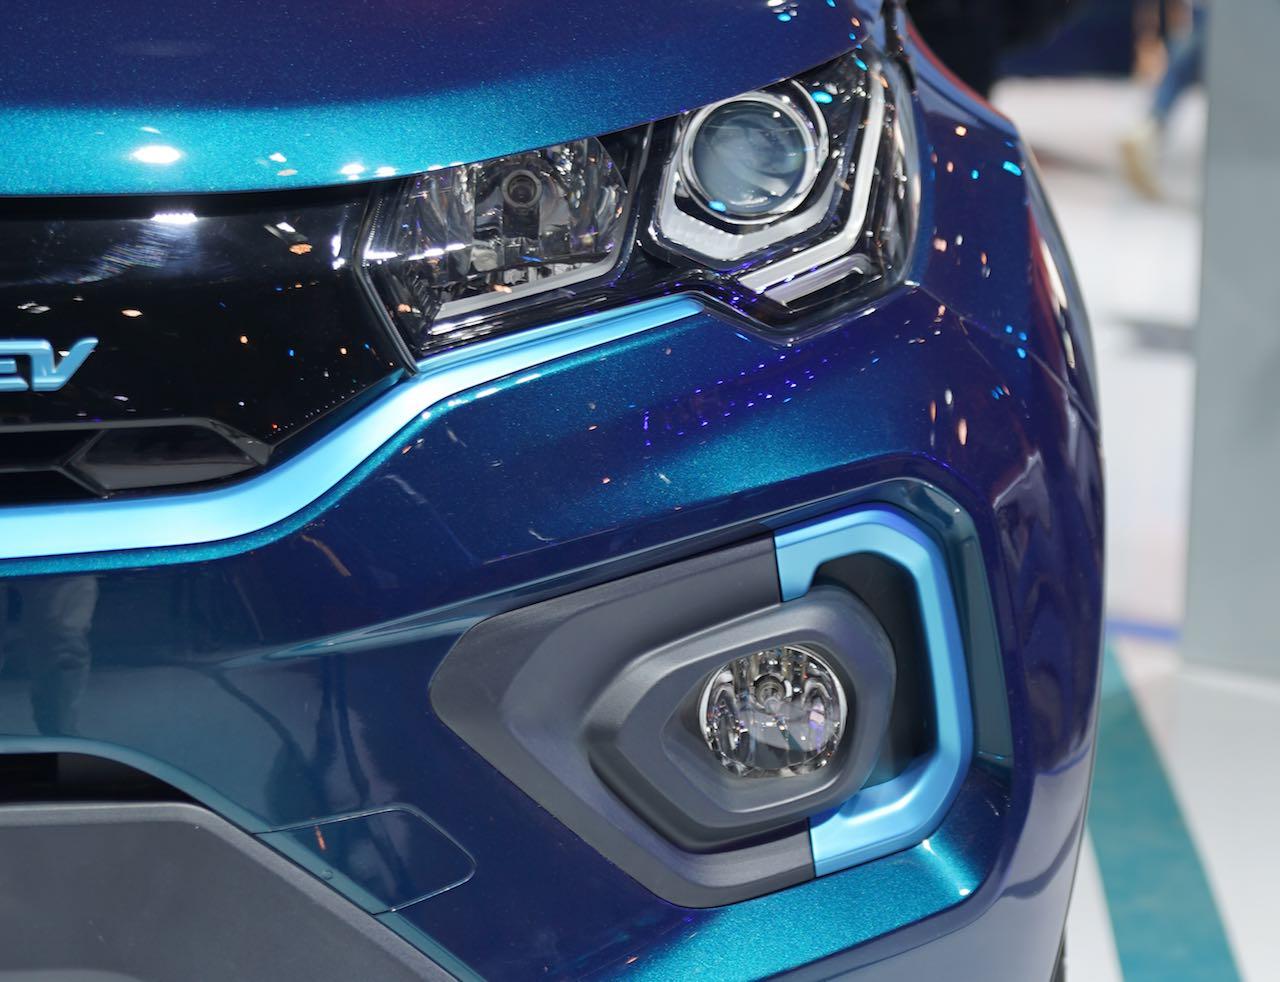 Tata Nexon EV headlamp and foglamp close up